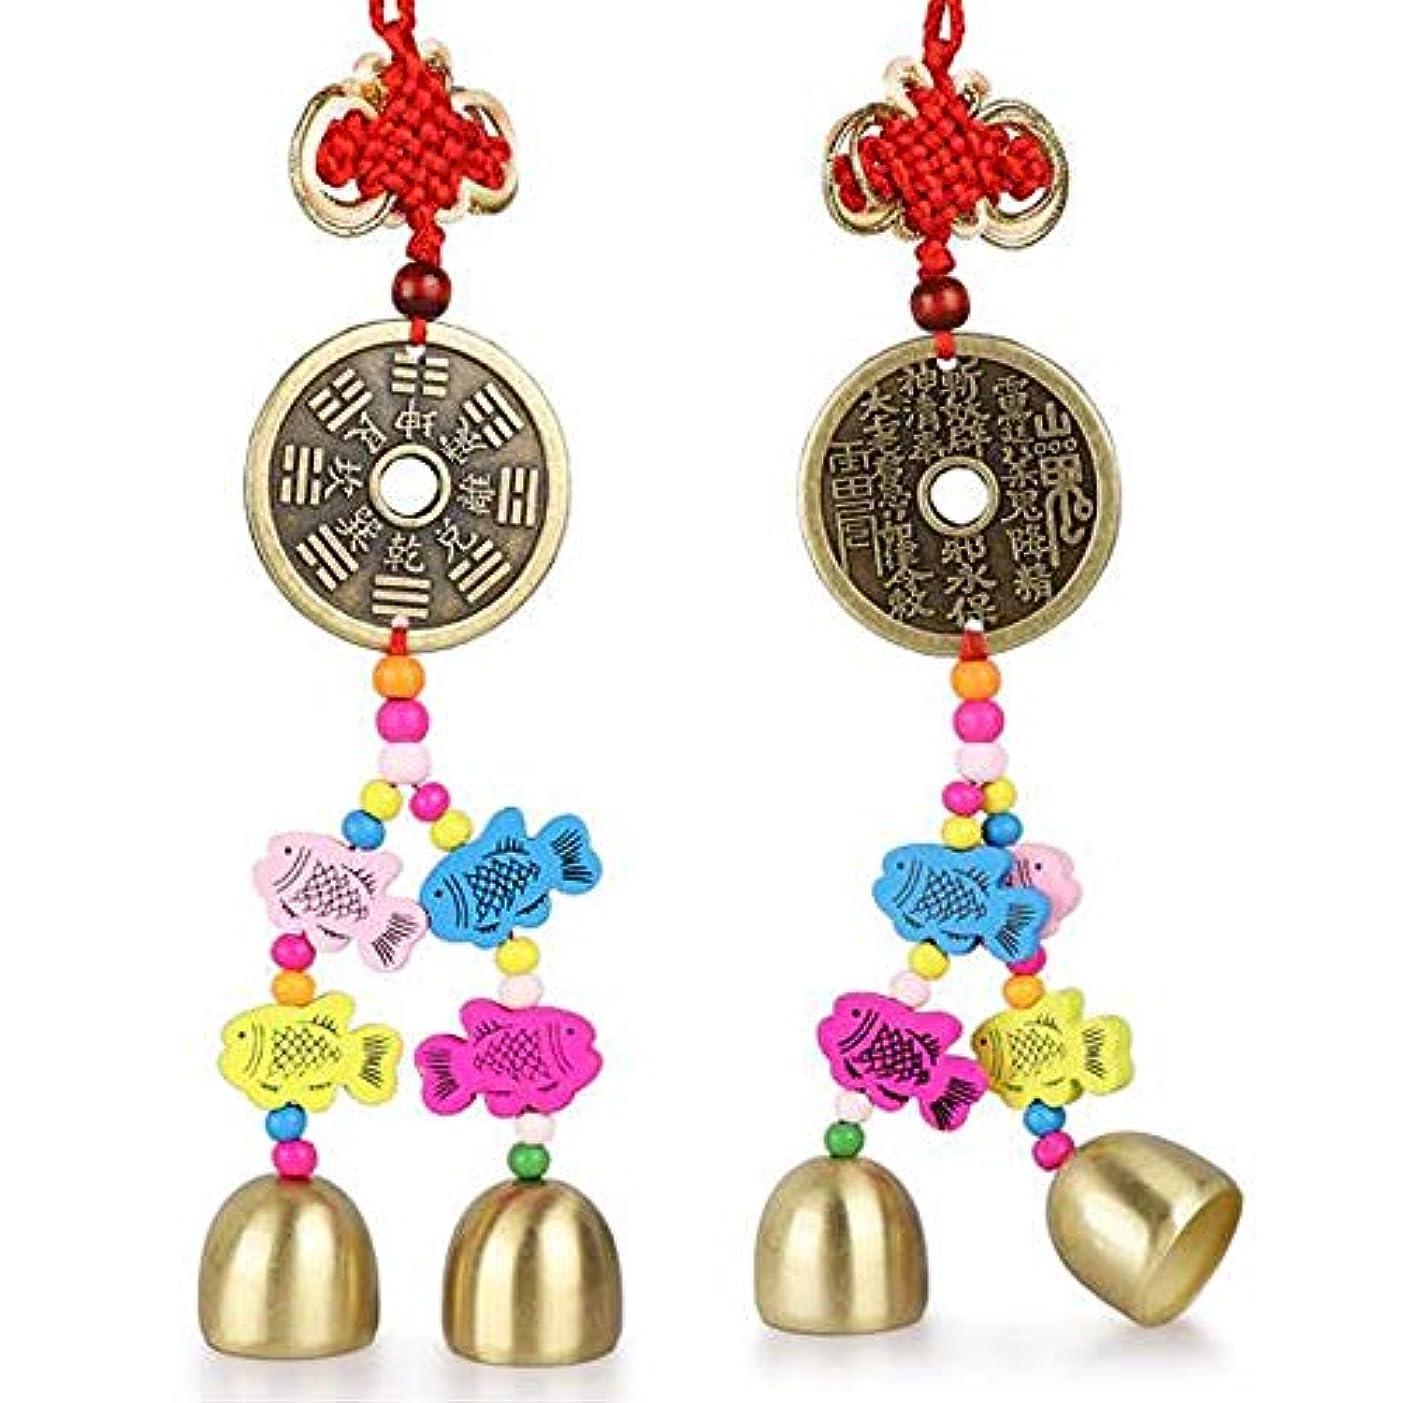 通知するはねかけるに慣れJielongtongxun 風チャイム、中国のノット銅鐘ホーム車の装飾、ゴールド、全長約31センチメートル,絶妙な飾り (Color : C)